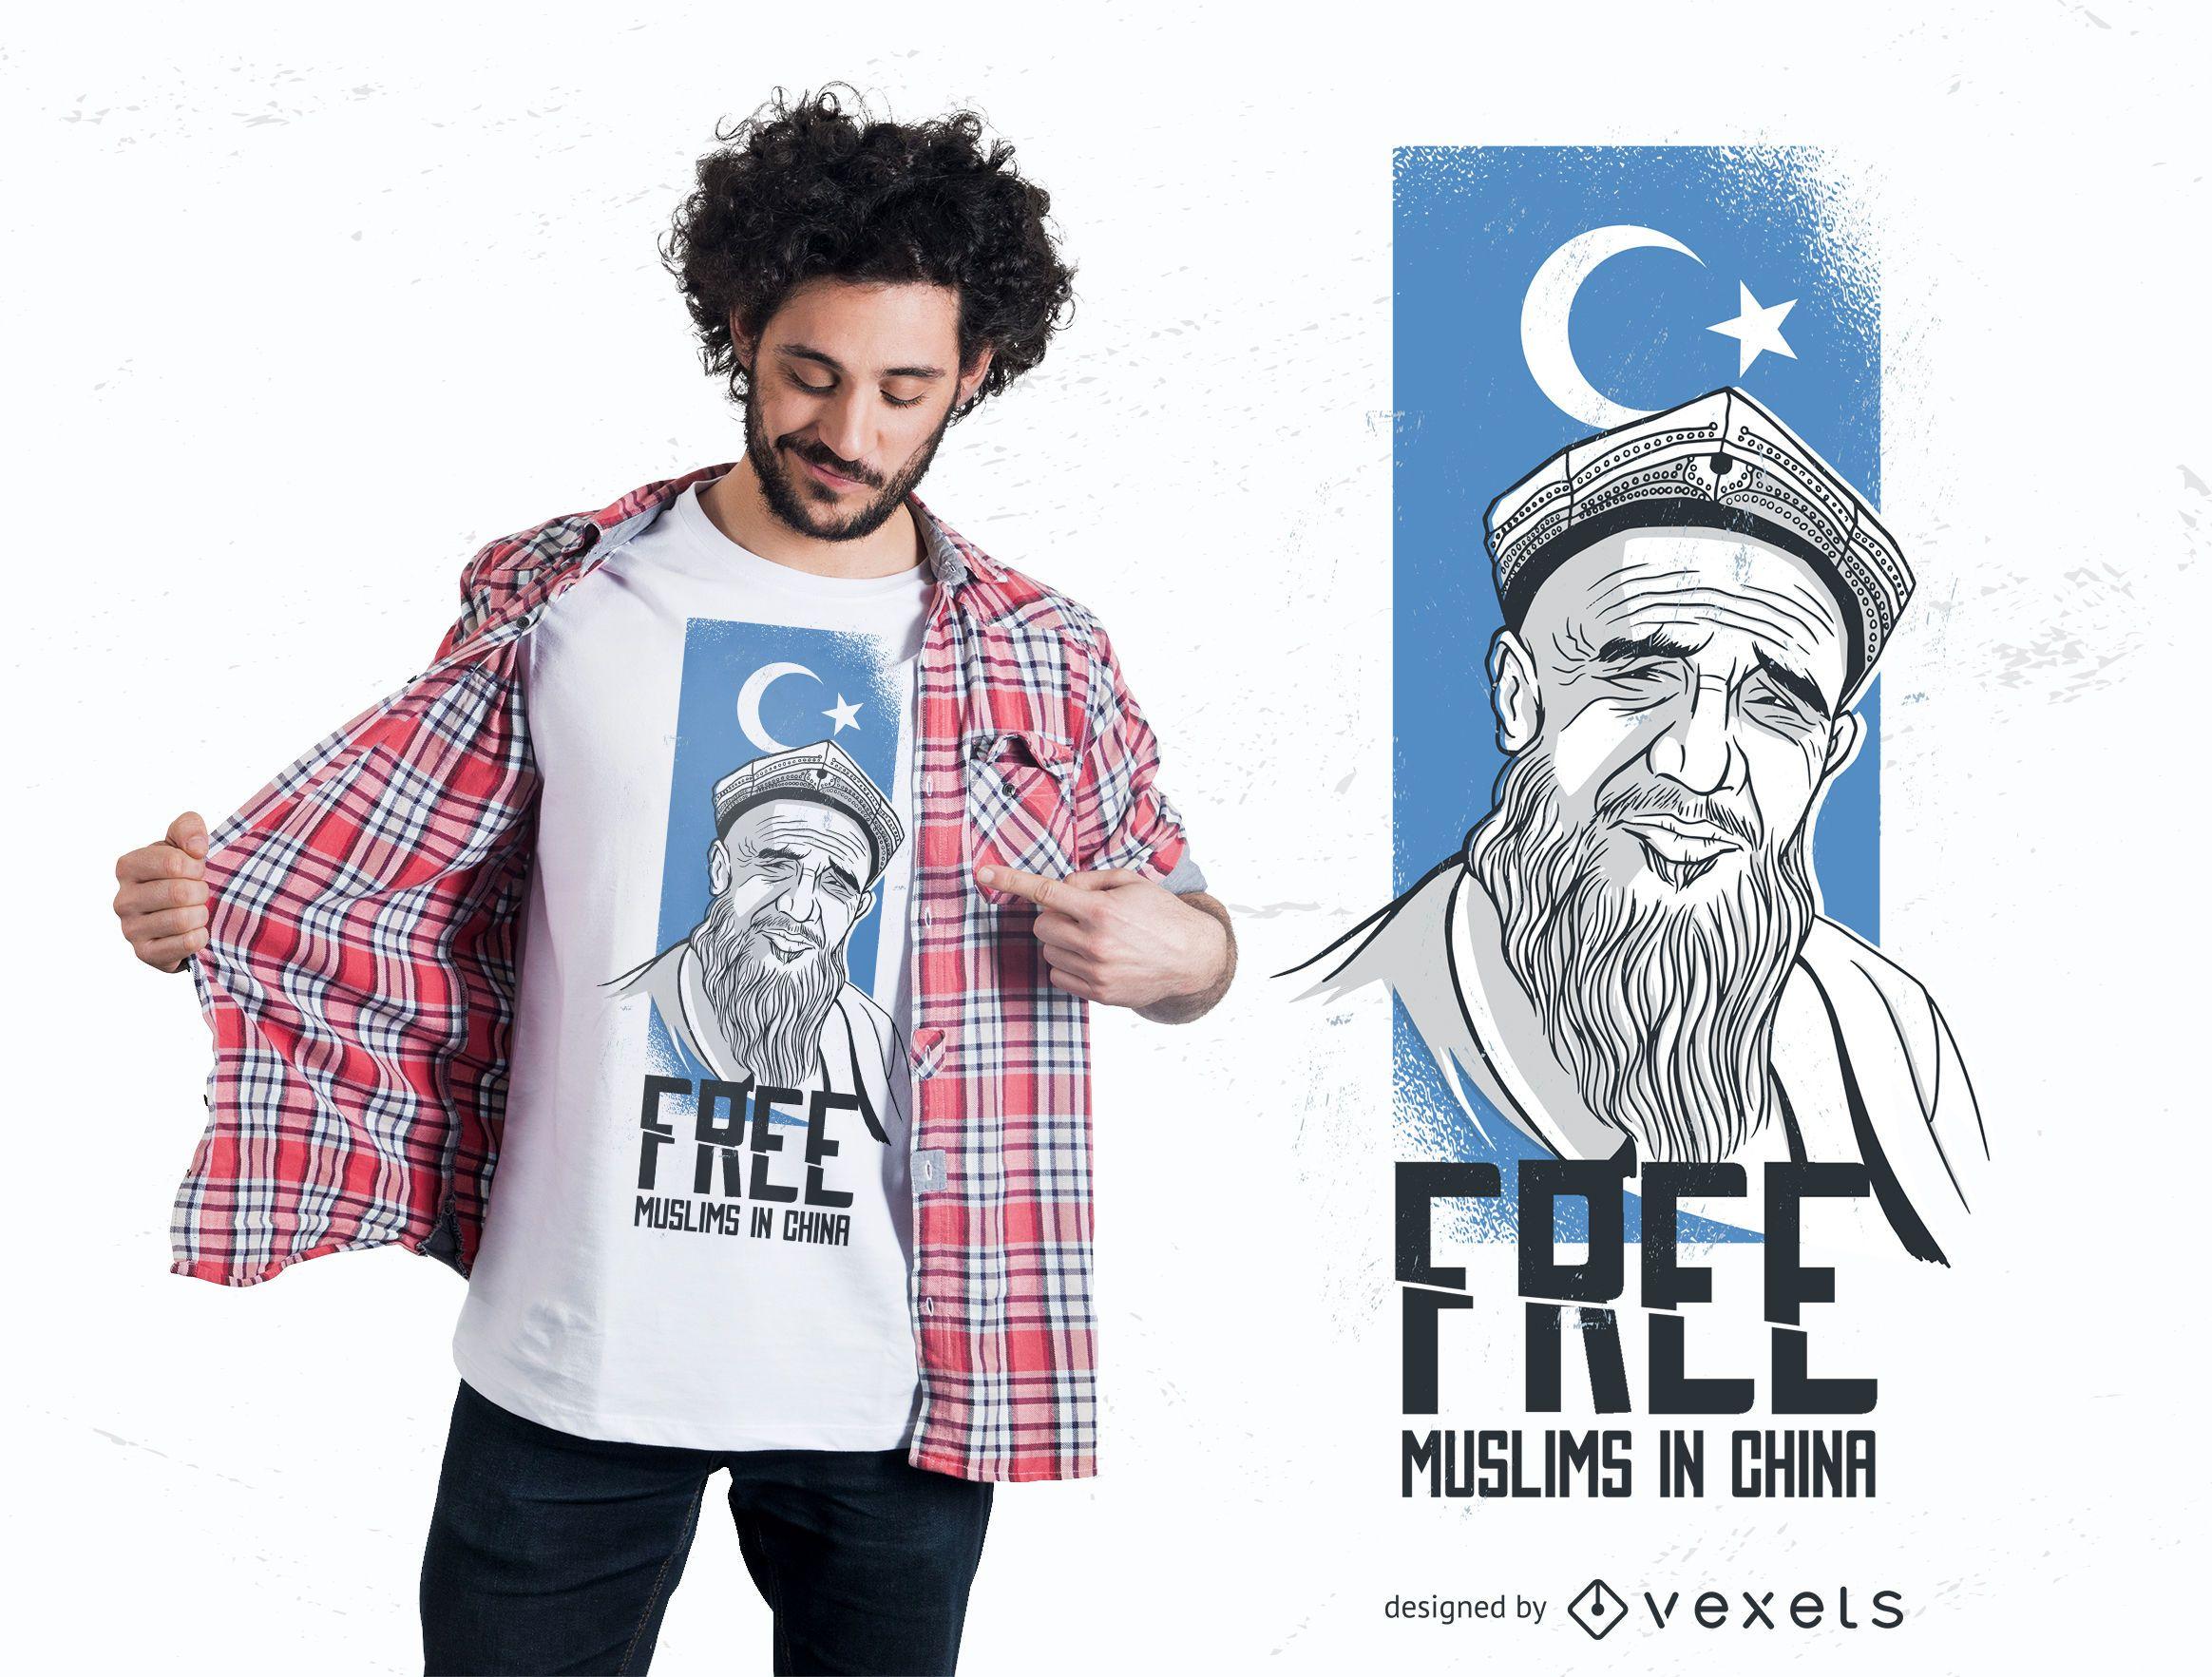 Diseño de camiseta musulmanes gratis